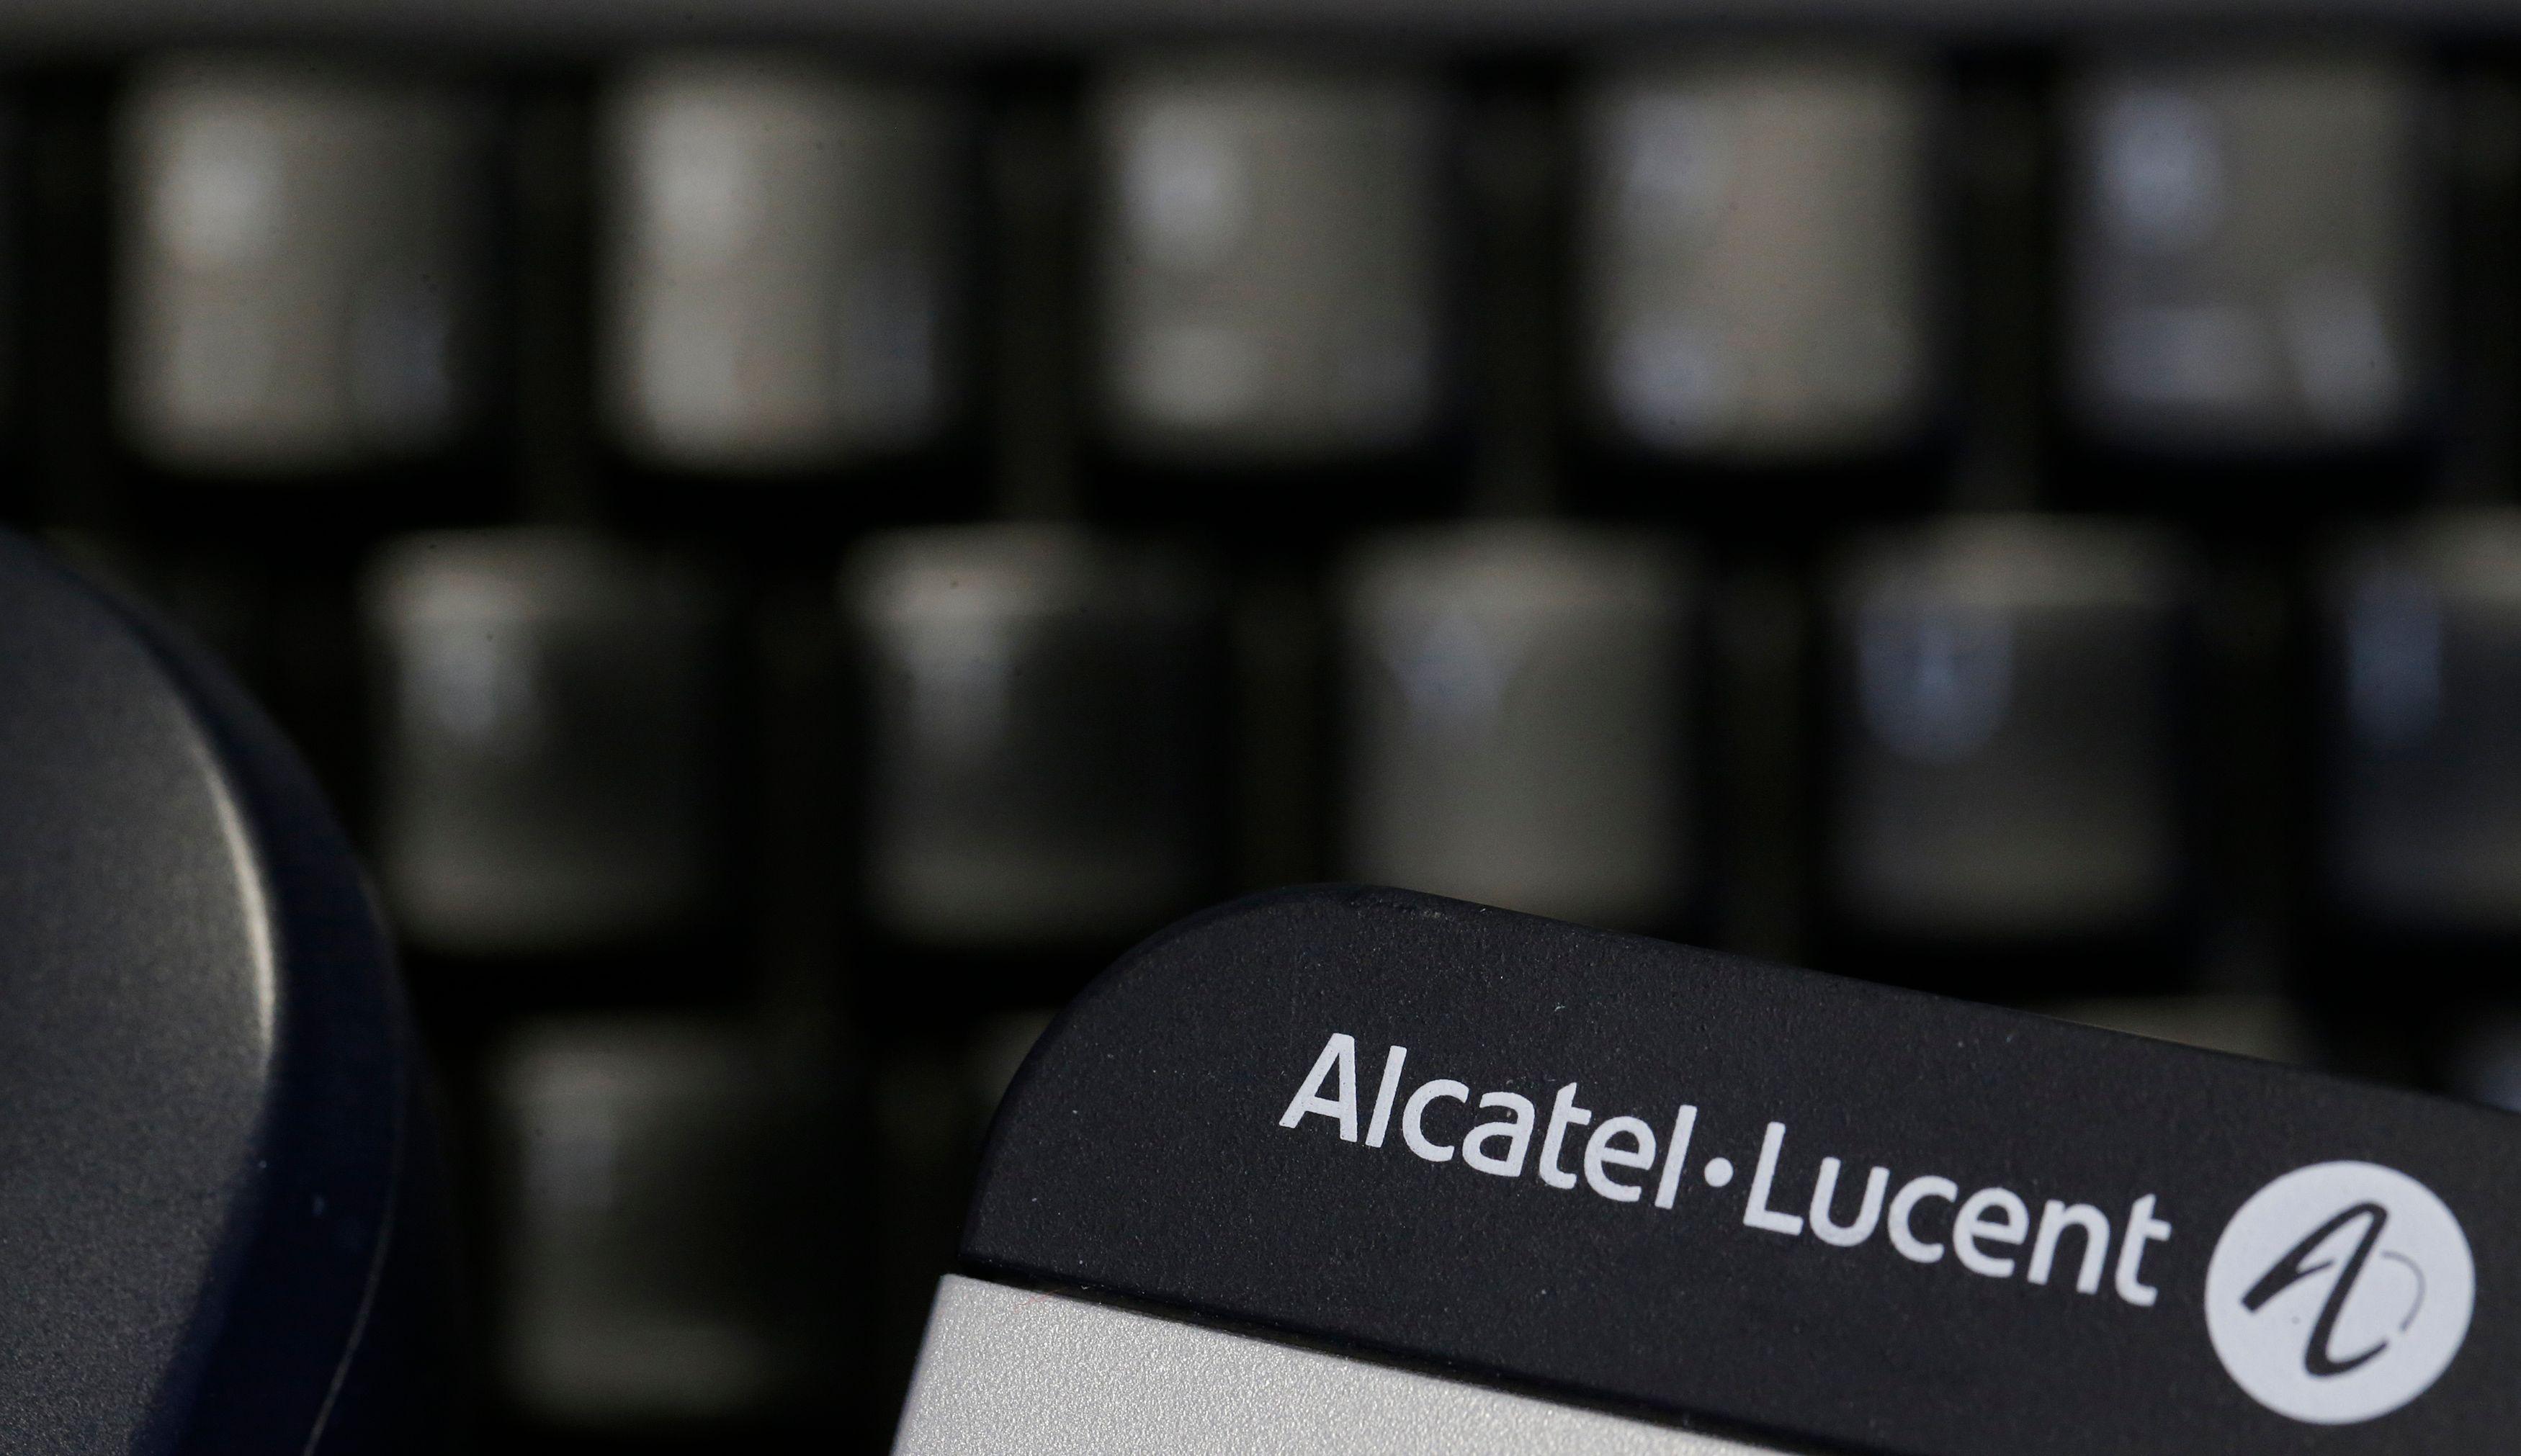 Les USA ont discrètement pillé et déstructuré Alcatel.